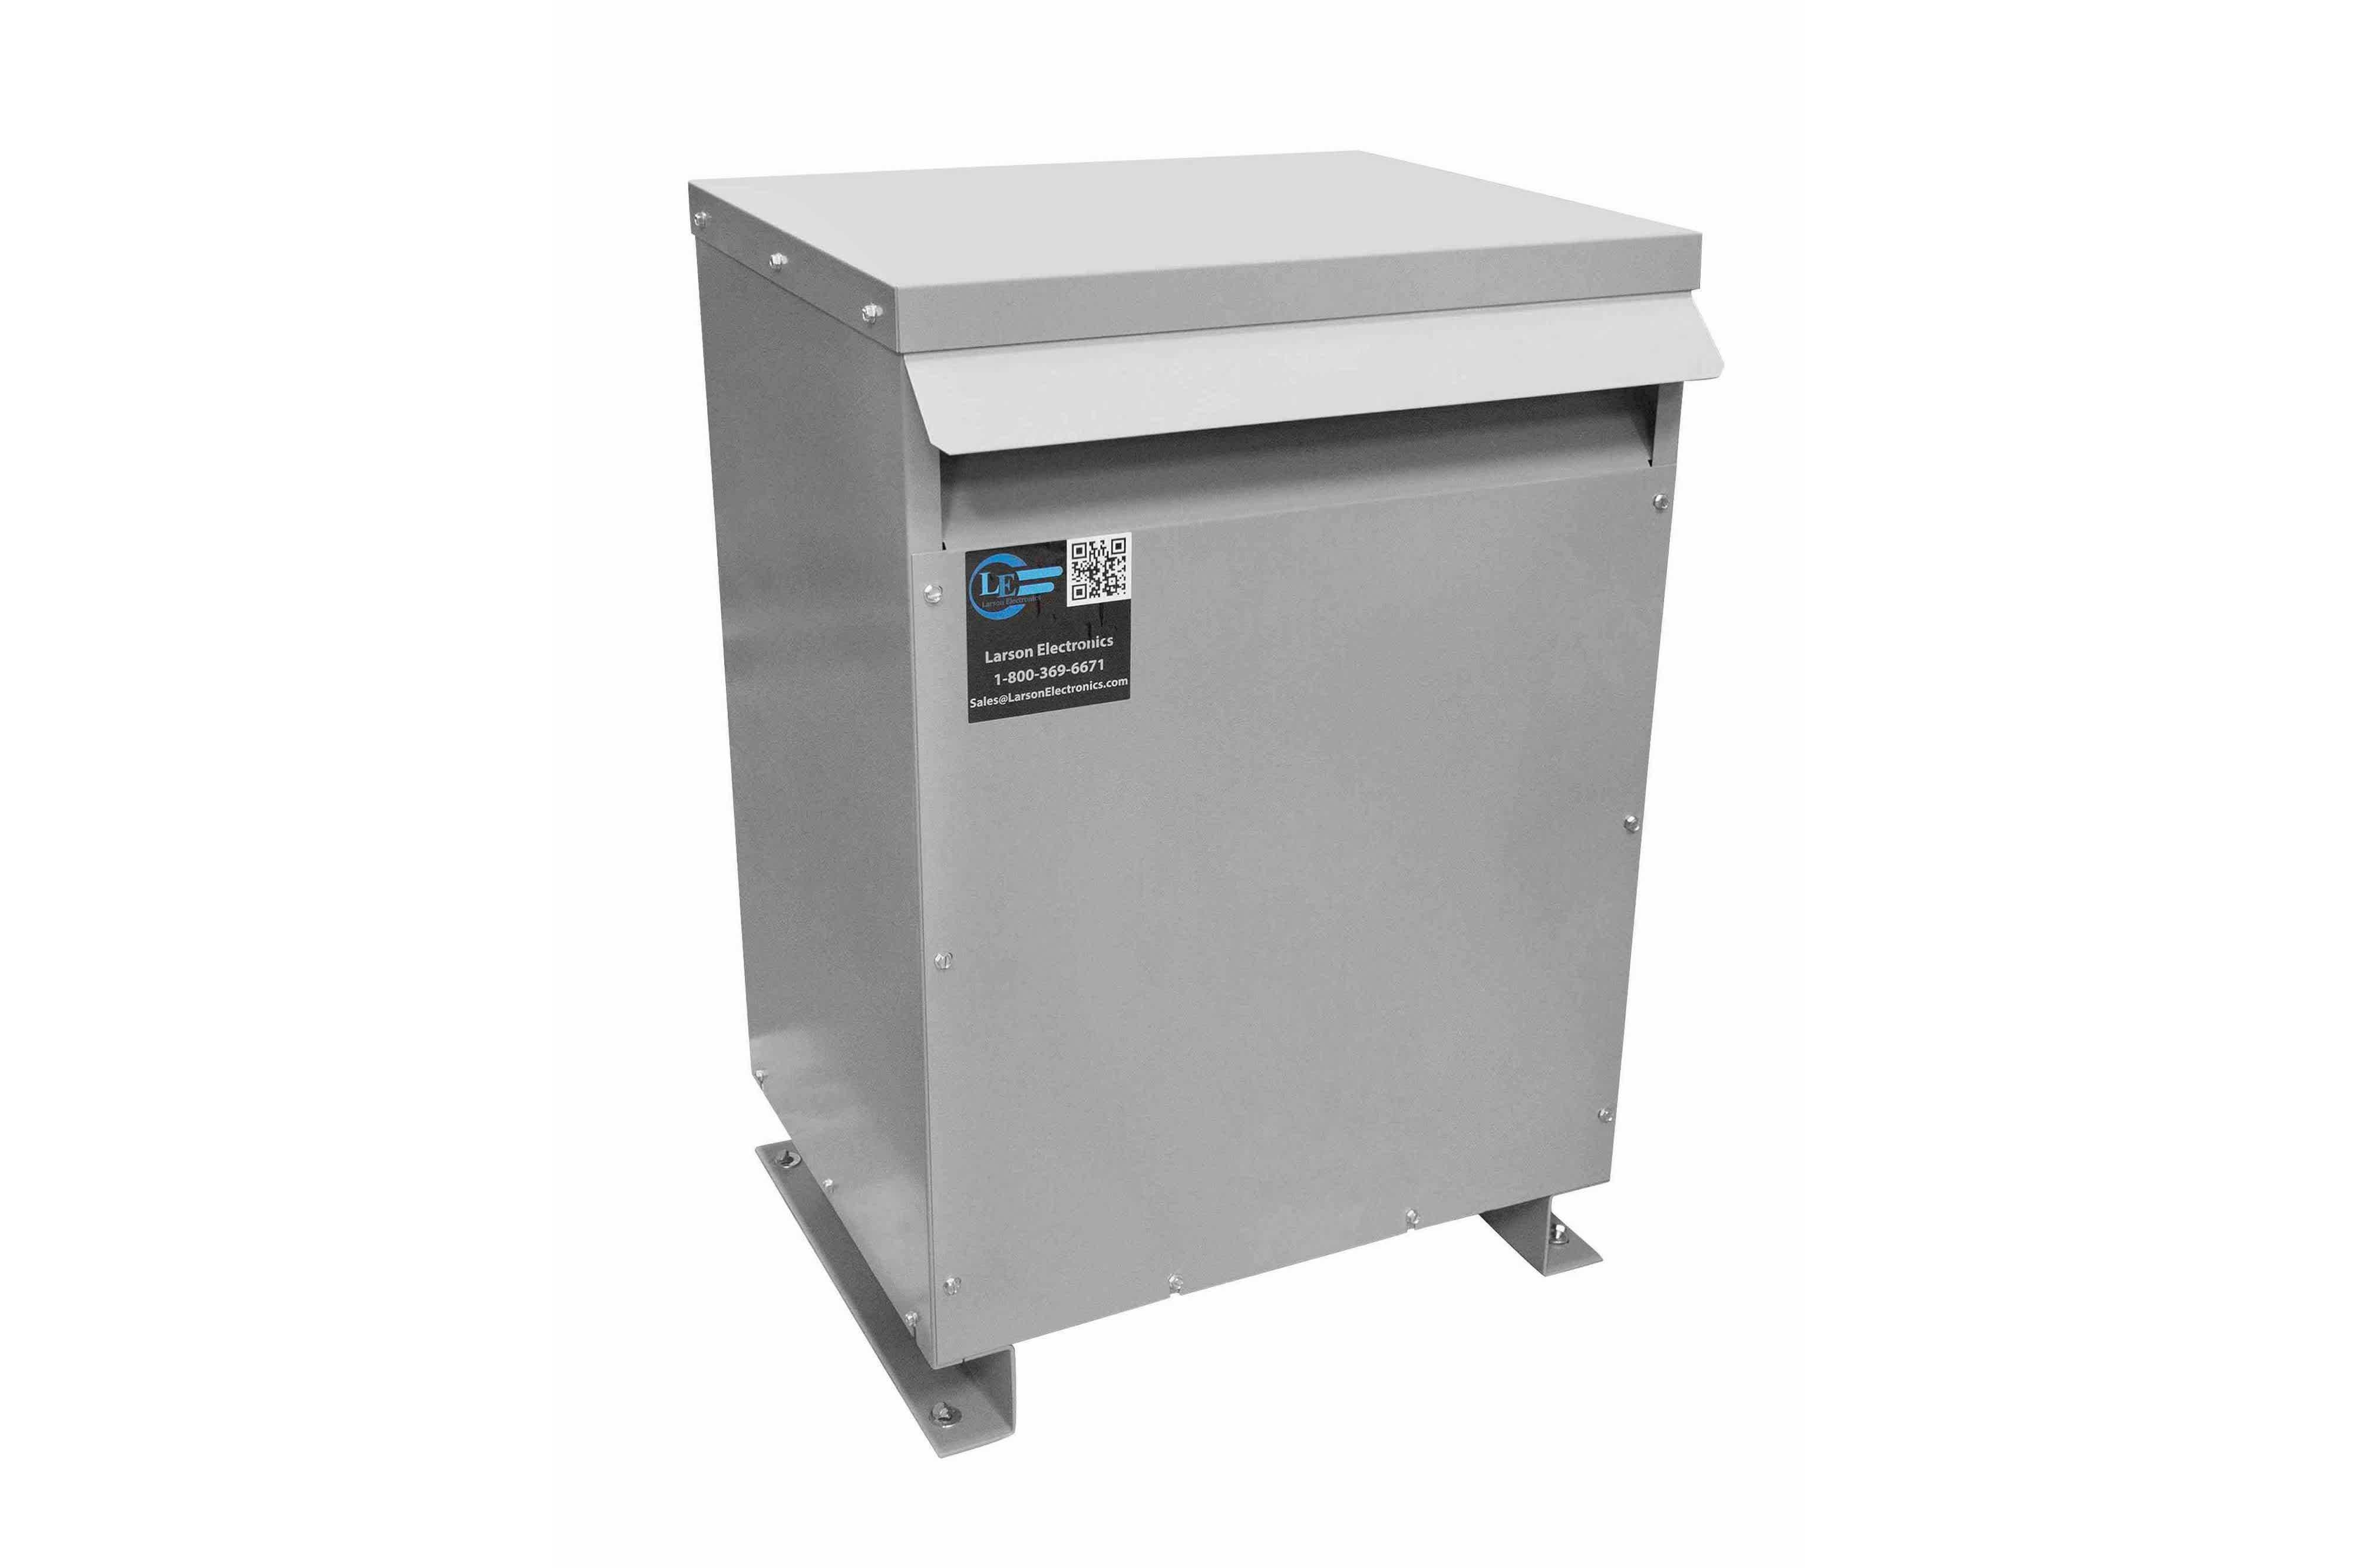 115 kVA 3PH Isolation Transformer, 240V Delta Primary, 400V Delta Secondary, N3R, Ventilated, 60 Hz